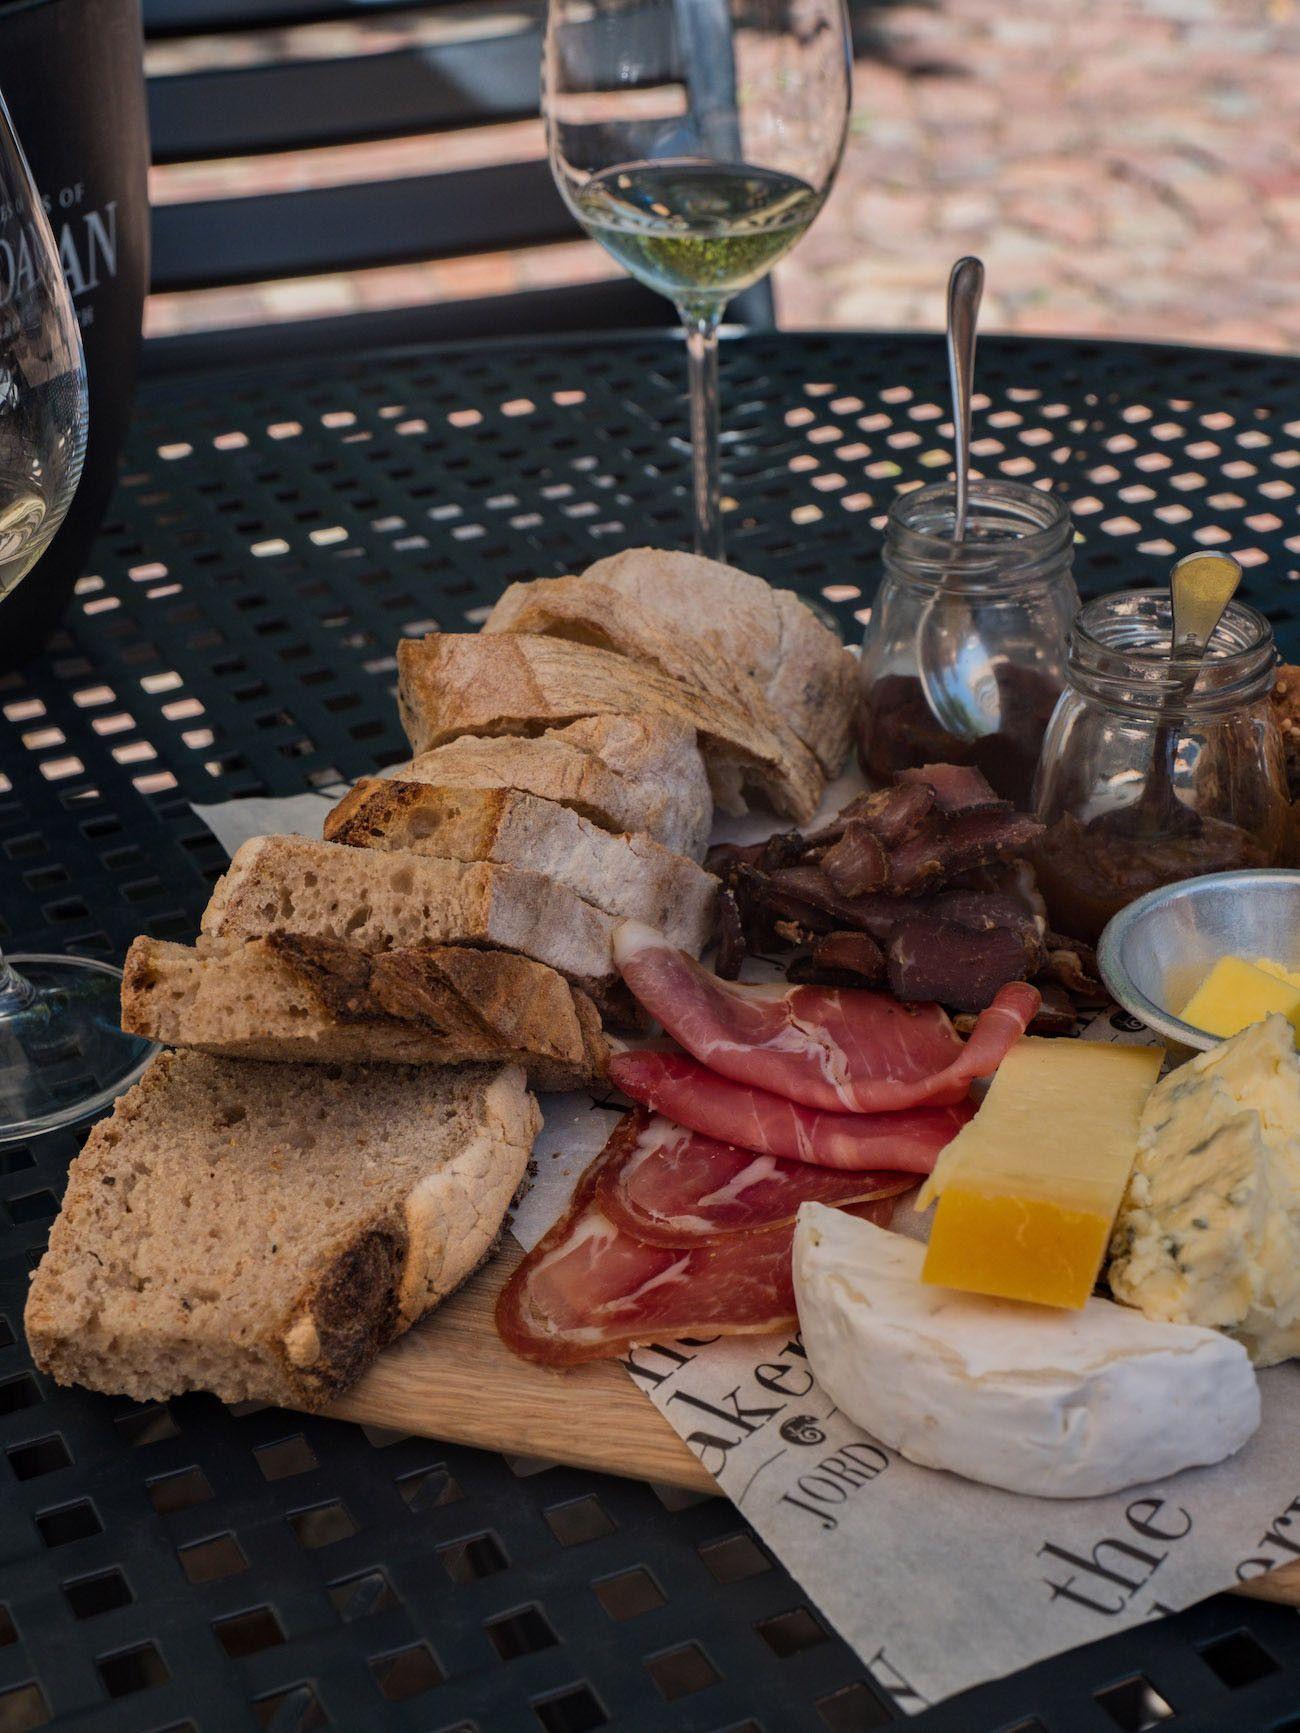 Weinguide Stellenbosch, Jordans, Brot, Käse, Schinken, Biltong